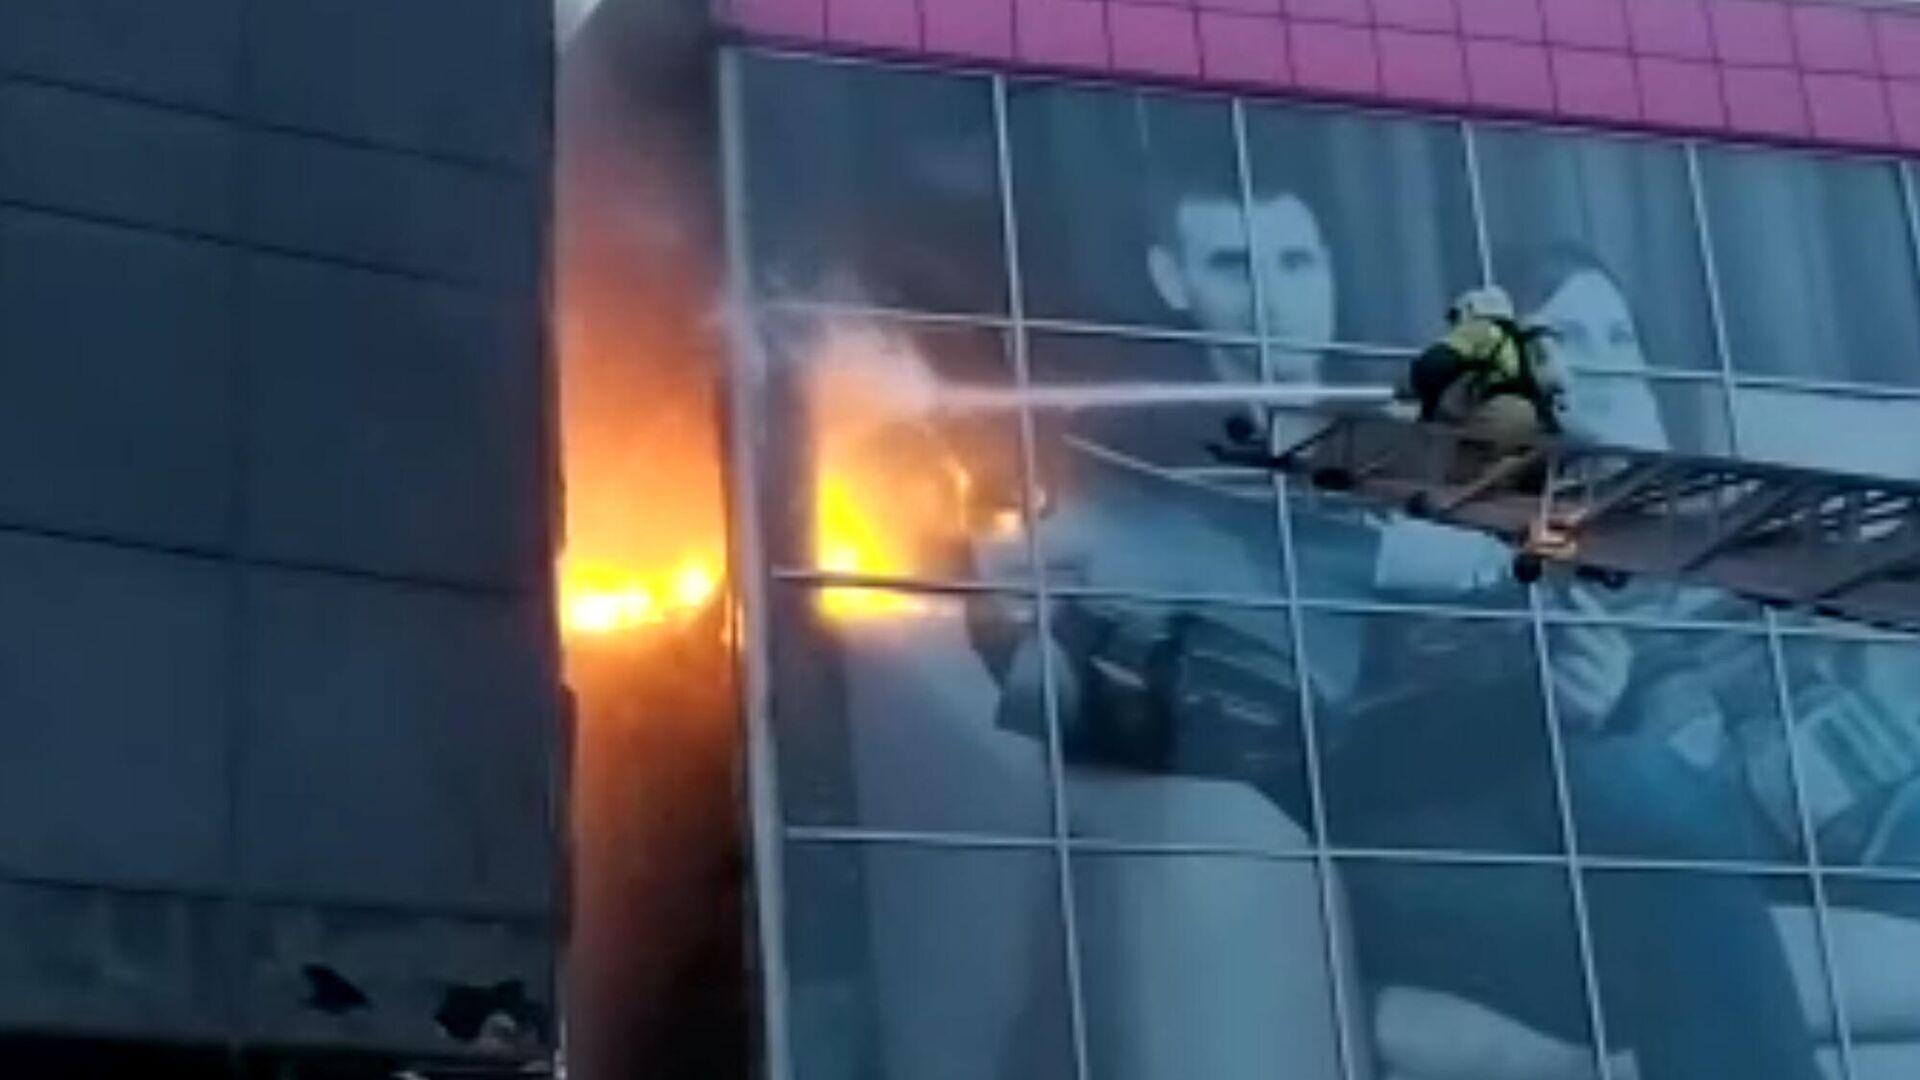 Фасад гостиницы загорелся в Новосибирске - РИА Новости, 1920, 29.09.2020